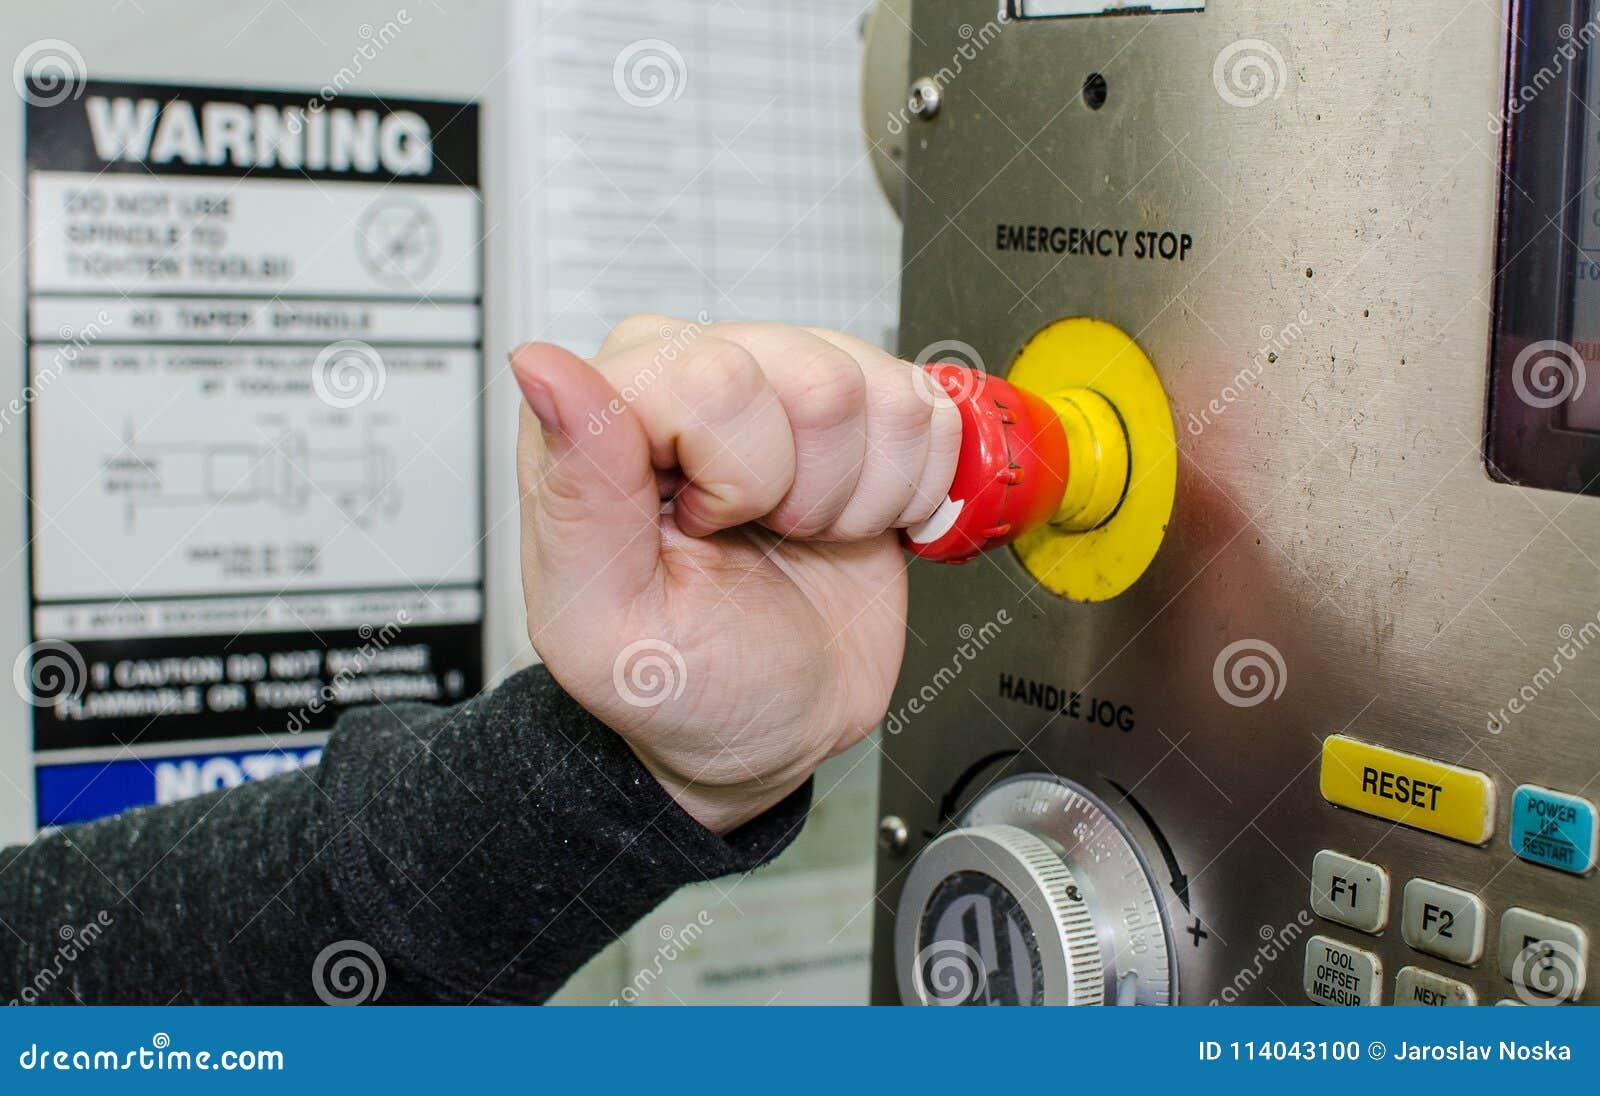 Parada de emergencia del botón